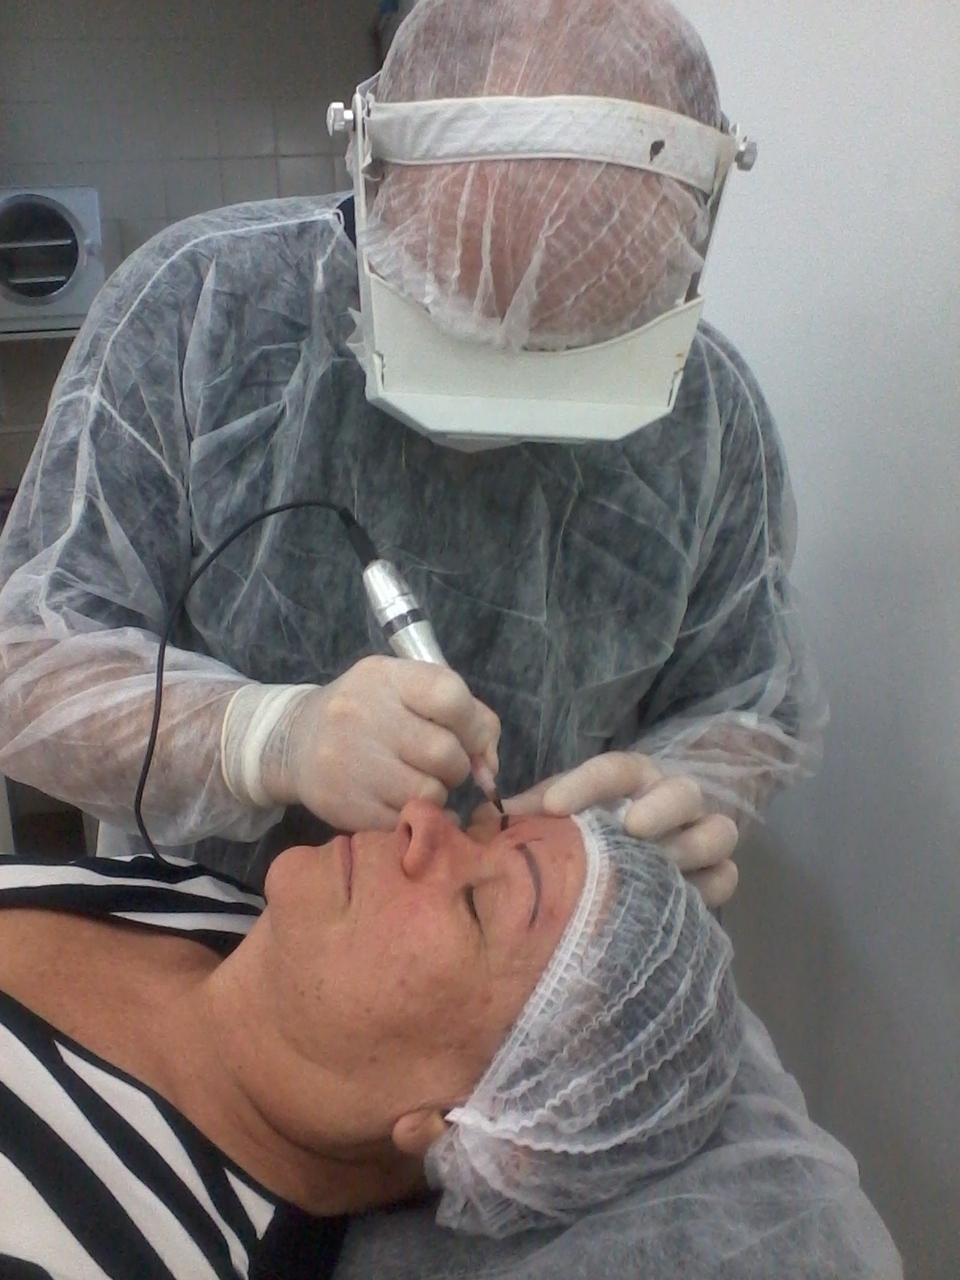 Trabalhando Micropguimentação Micropigmentação trabalhando cabeleireiro(a) barbeiro(a) maquiador(a) designer de sobrancelhas depilador(a)